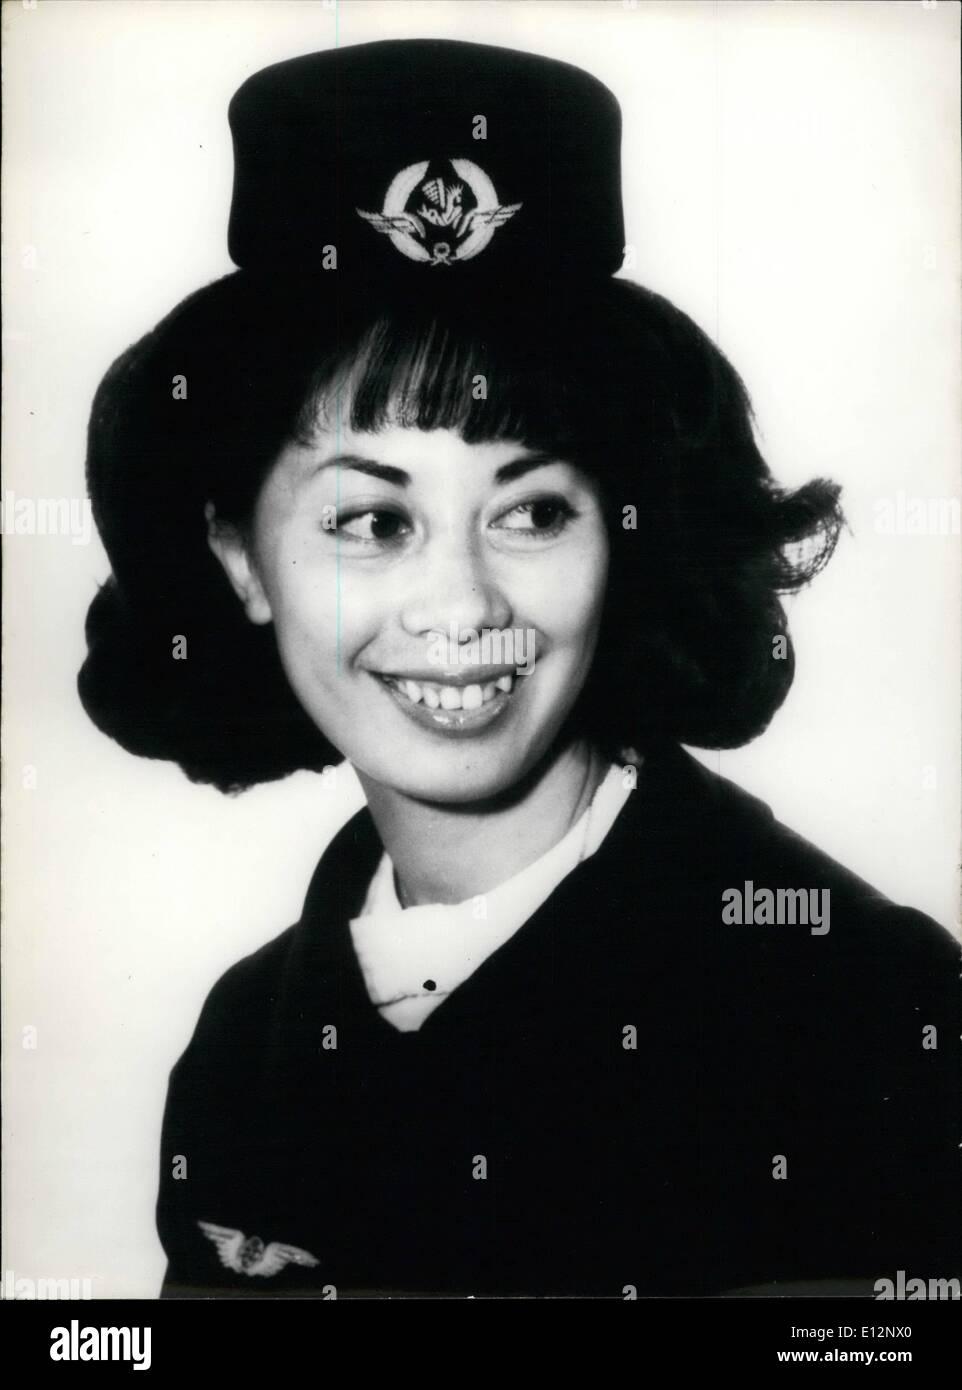 24 février 2012 - hôtesse de l'AIR, DE L'ANNÉE 26 ans, GINETTE COGNET NÉ À CAO BANG AU VIET NAM.-, AIR FRANCE AIR HOSTESS, a été élu 'vives 1968.. OPS: GINETTE COGNET, L'hôtesse de l'année. Photo Stock